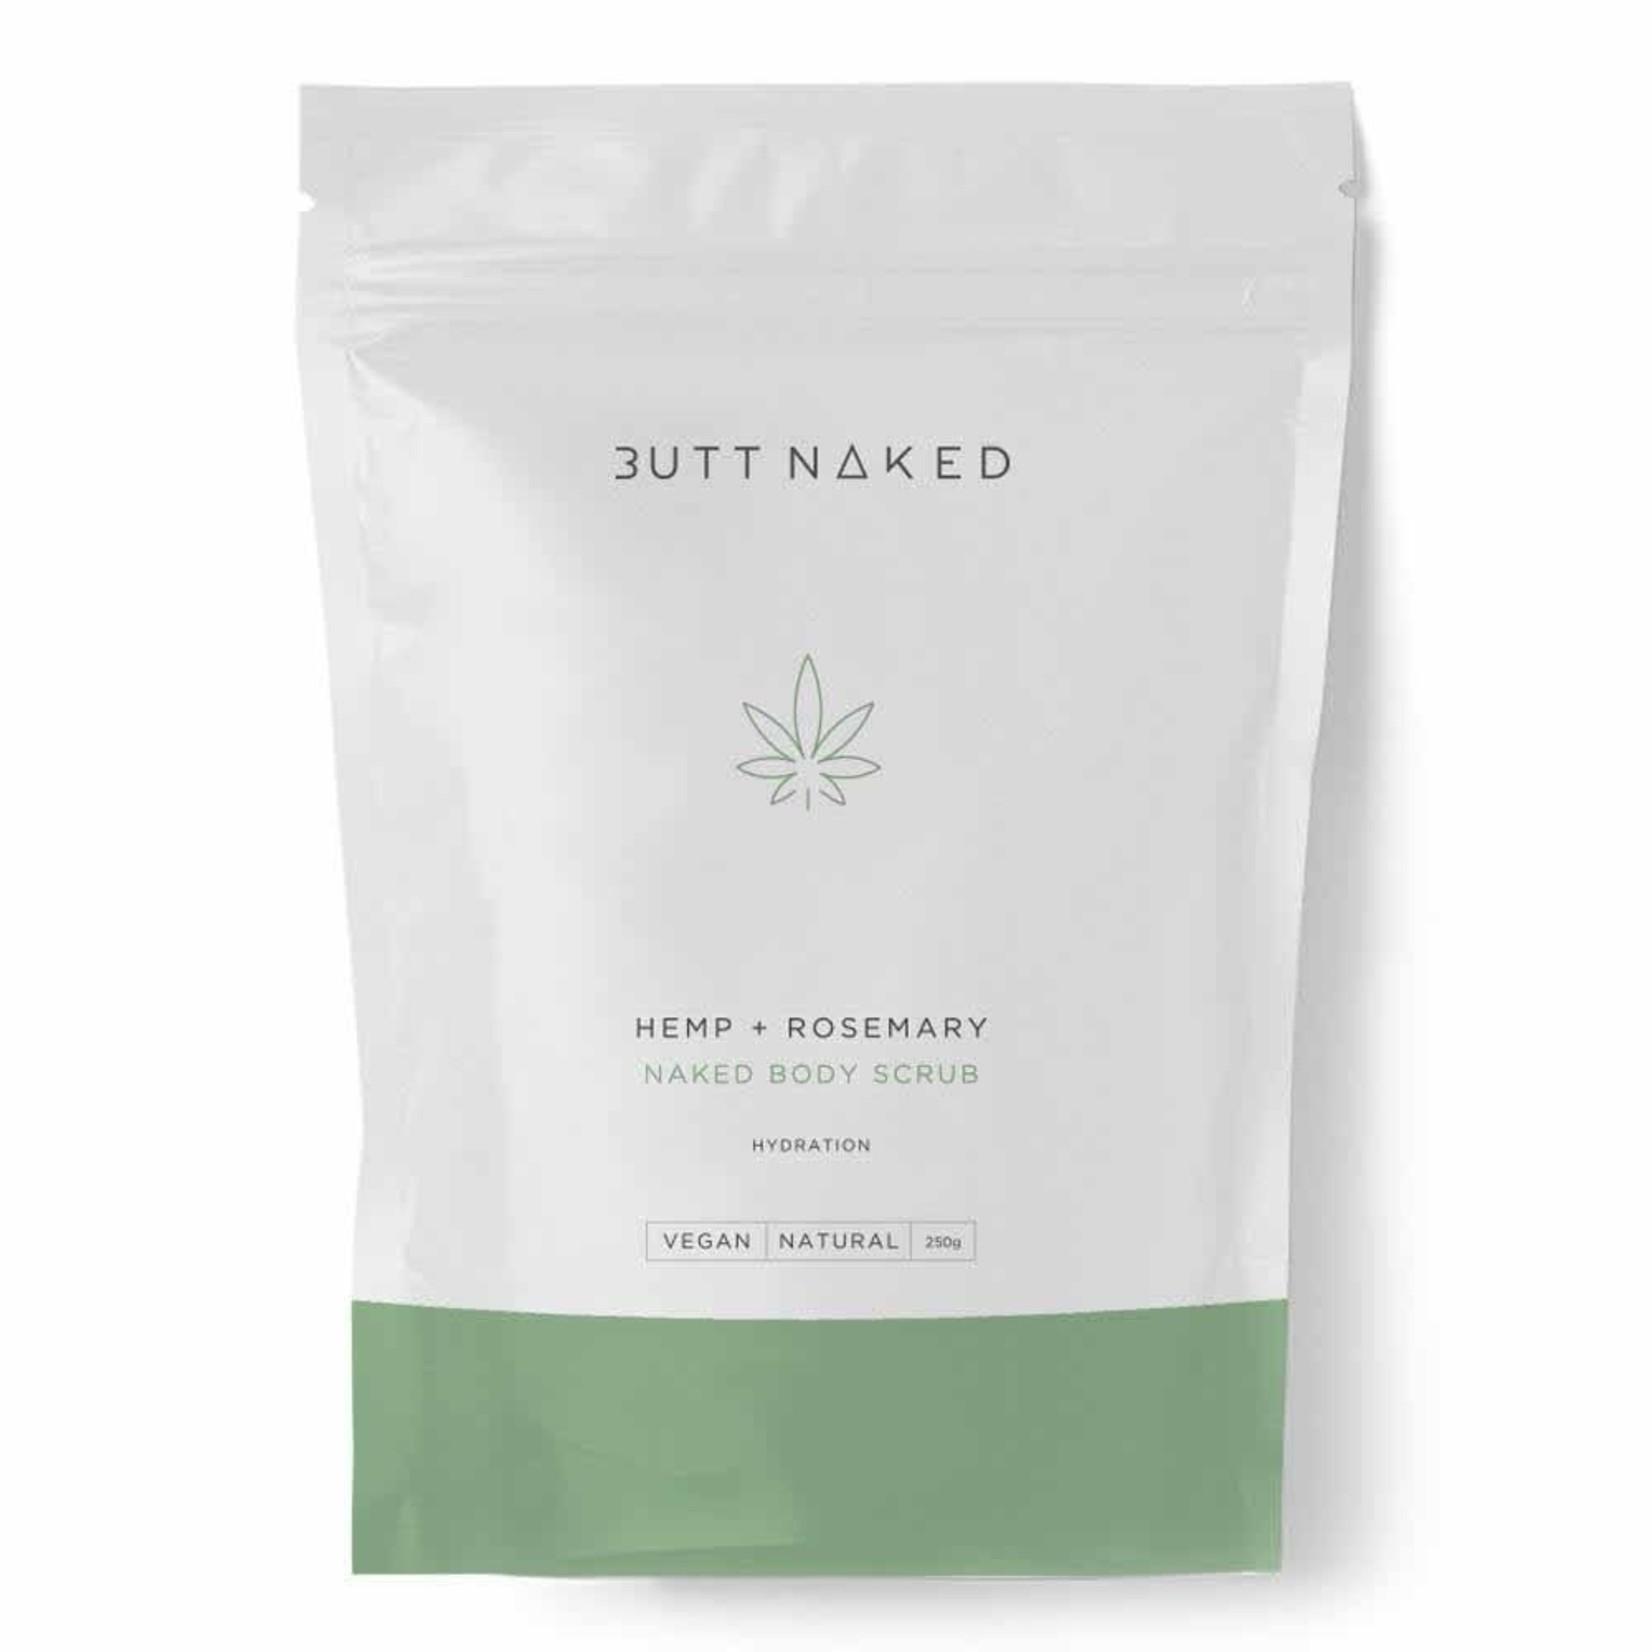 Butt Naked Butt Naked Natural Body Scrub Hemp & Rosemary